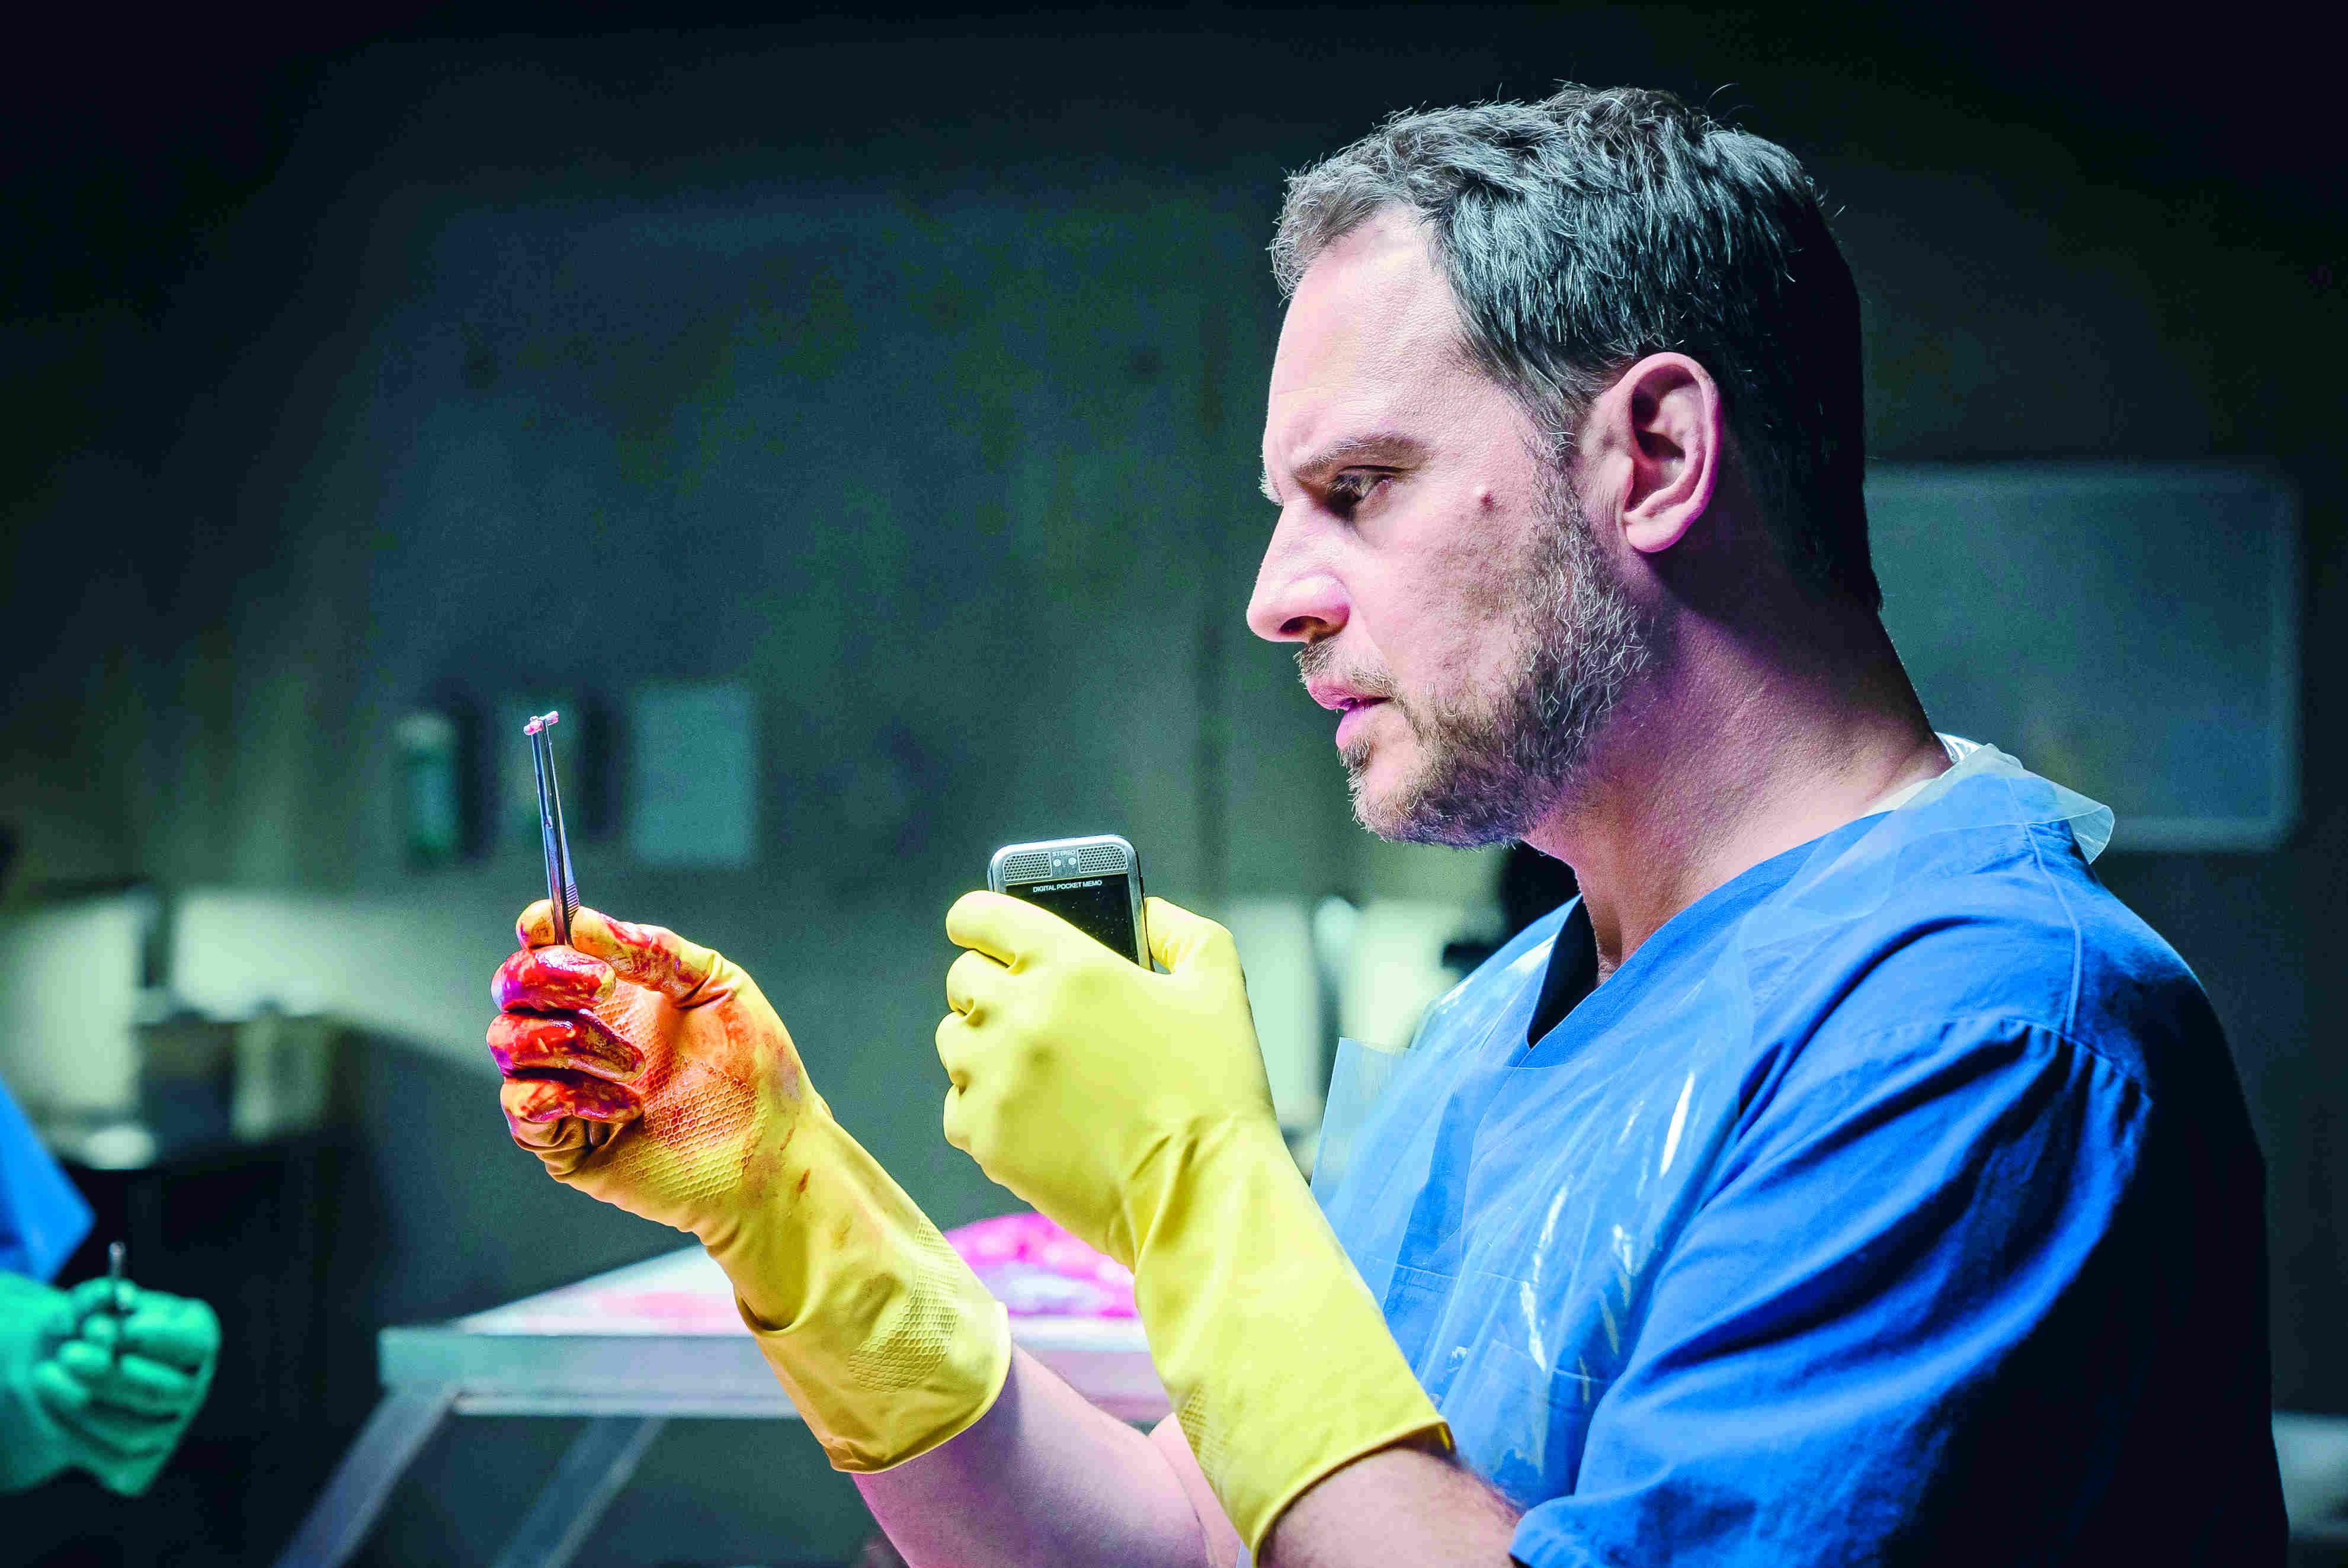 《萝拉快跑》柏林影帝莫里兹布雷多(Moritz Bleibtreu)在烧脑分尸片《抽尸剥茧》扮演遭到杀人魔萨德勒勒索的法医